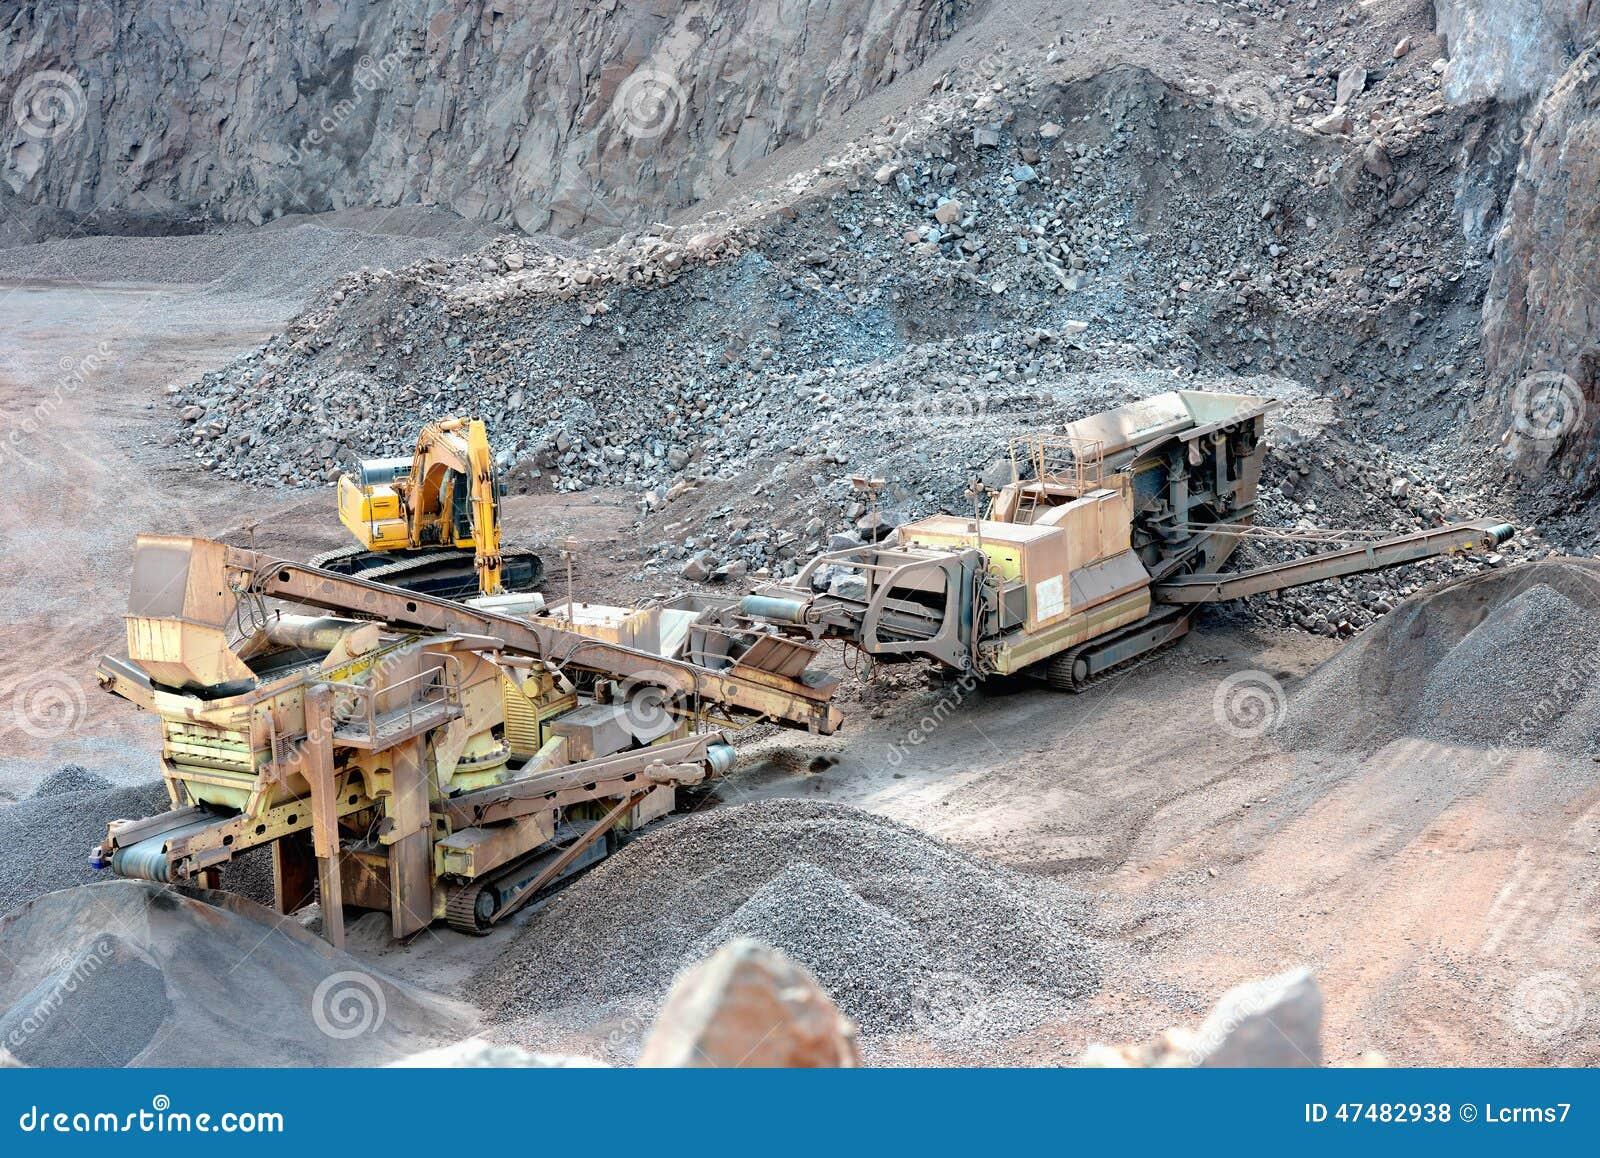 concasseur de pierres dans une mine ciel ouvert photo stock image 47482938. Black Bedroom Furniture Sets. Home Design Ideas